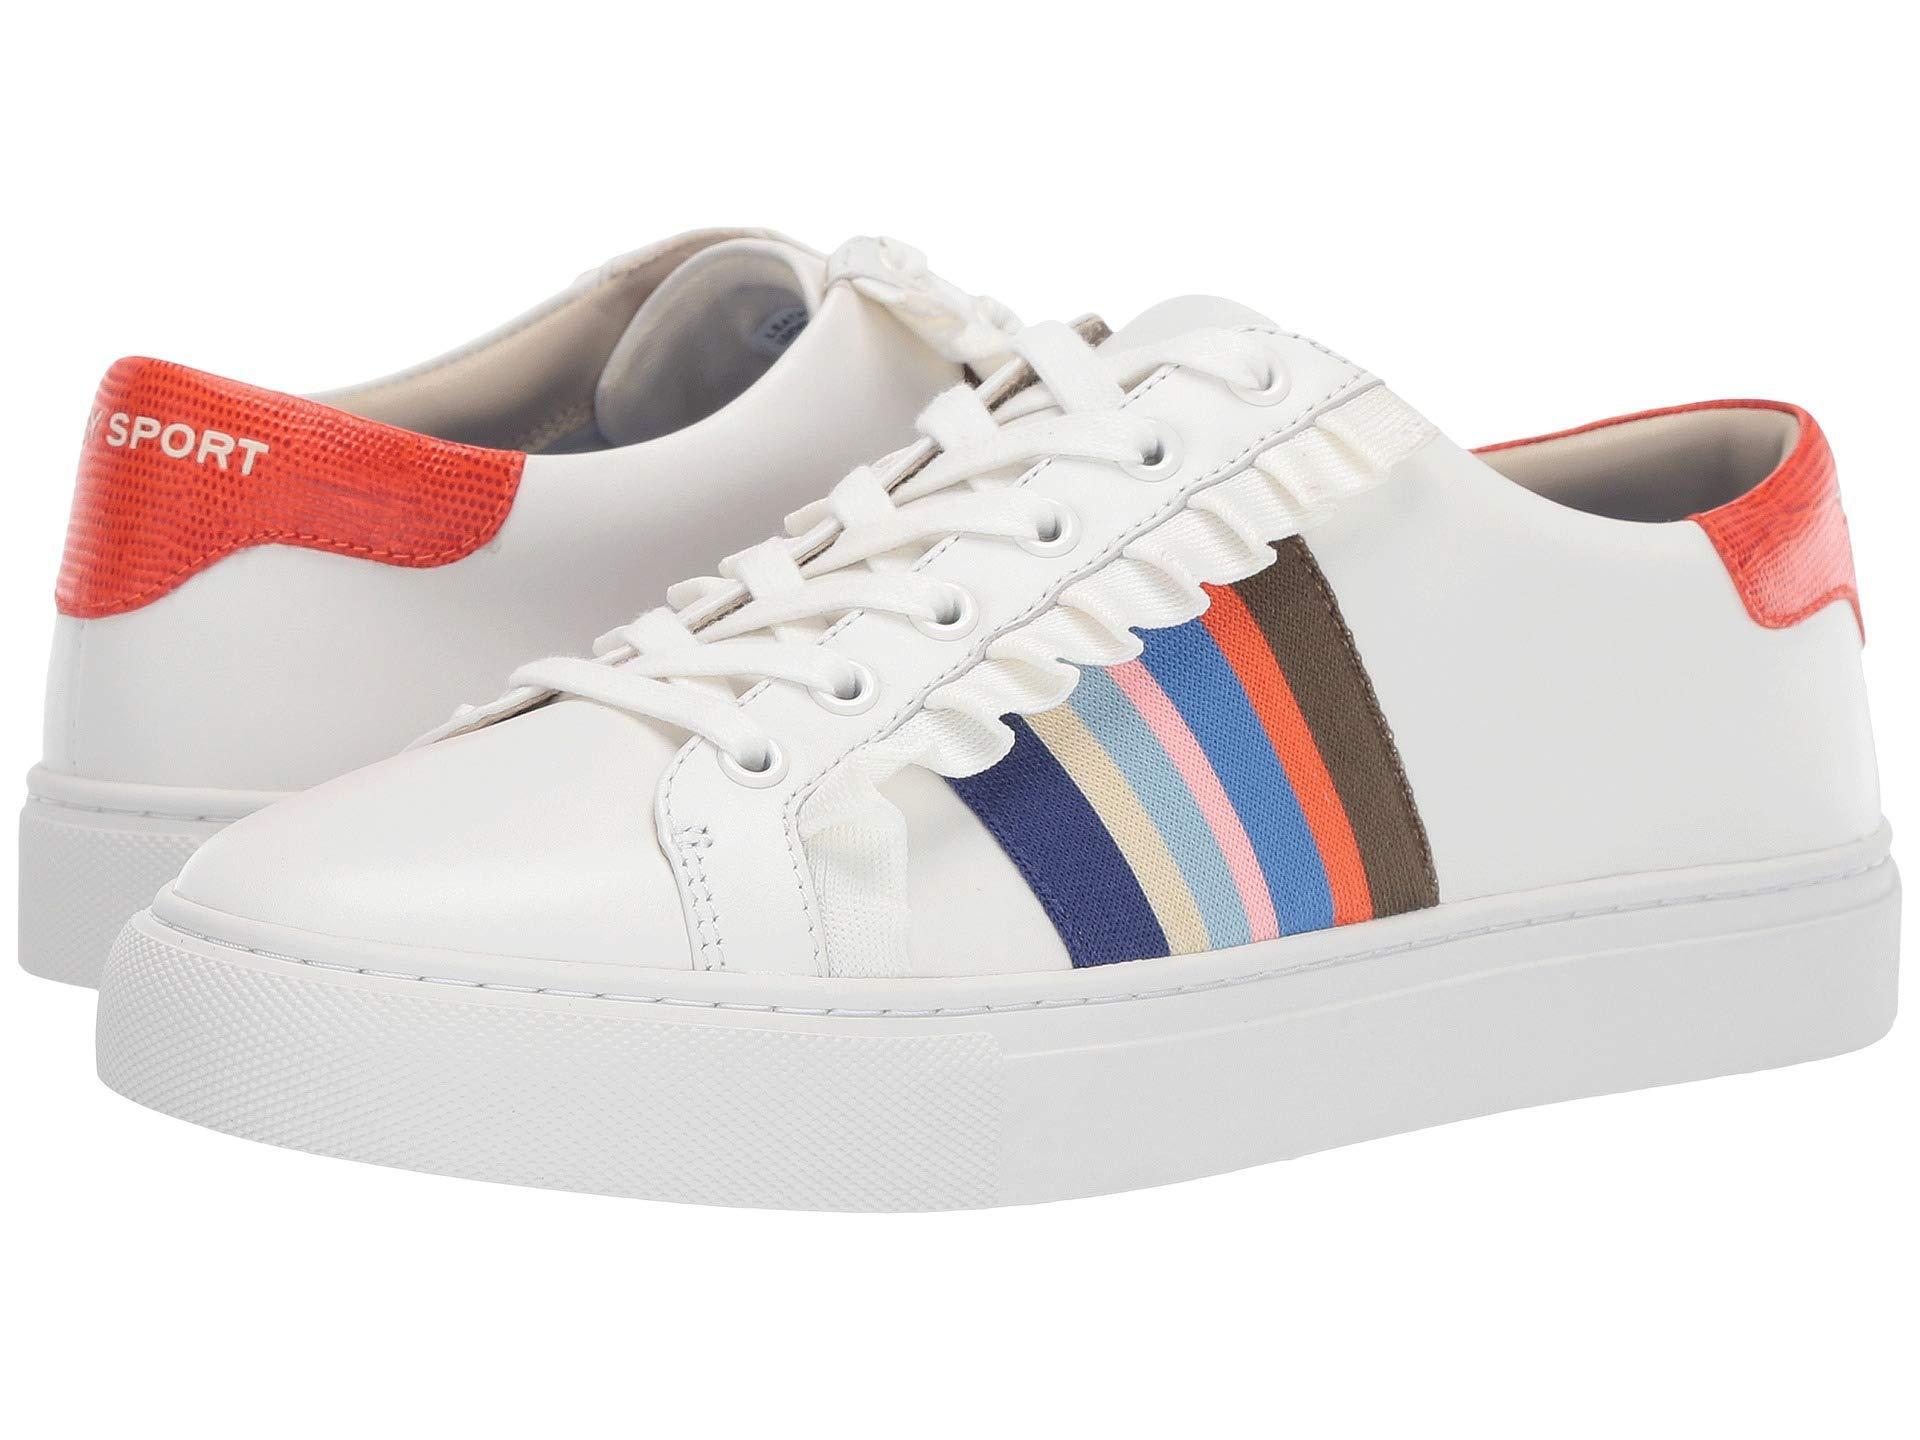 c2097747f831 Lyst - Tory Sport Ruffle Sneaker (snow White nantucket) Women s ...